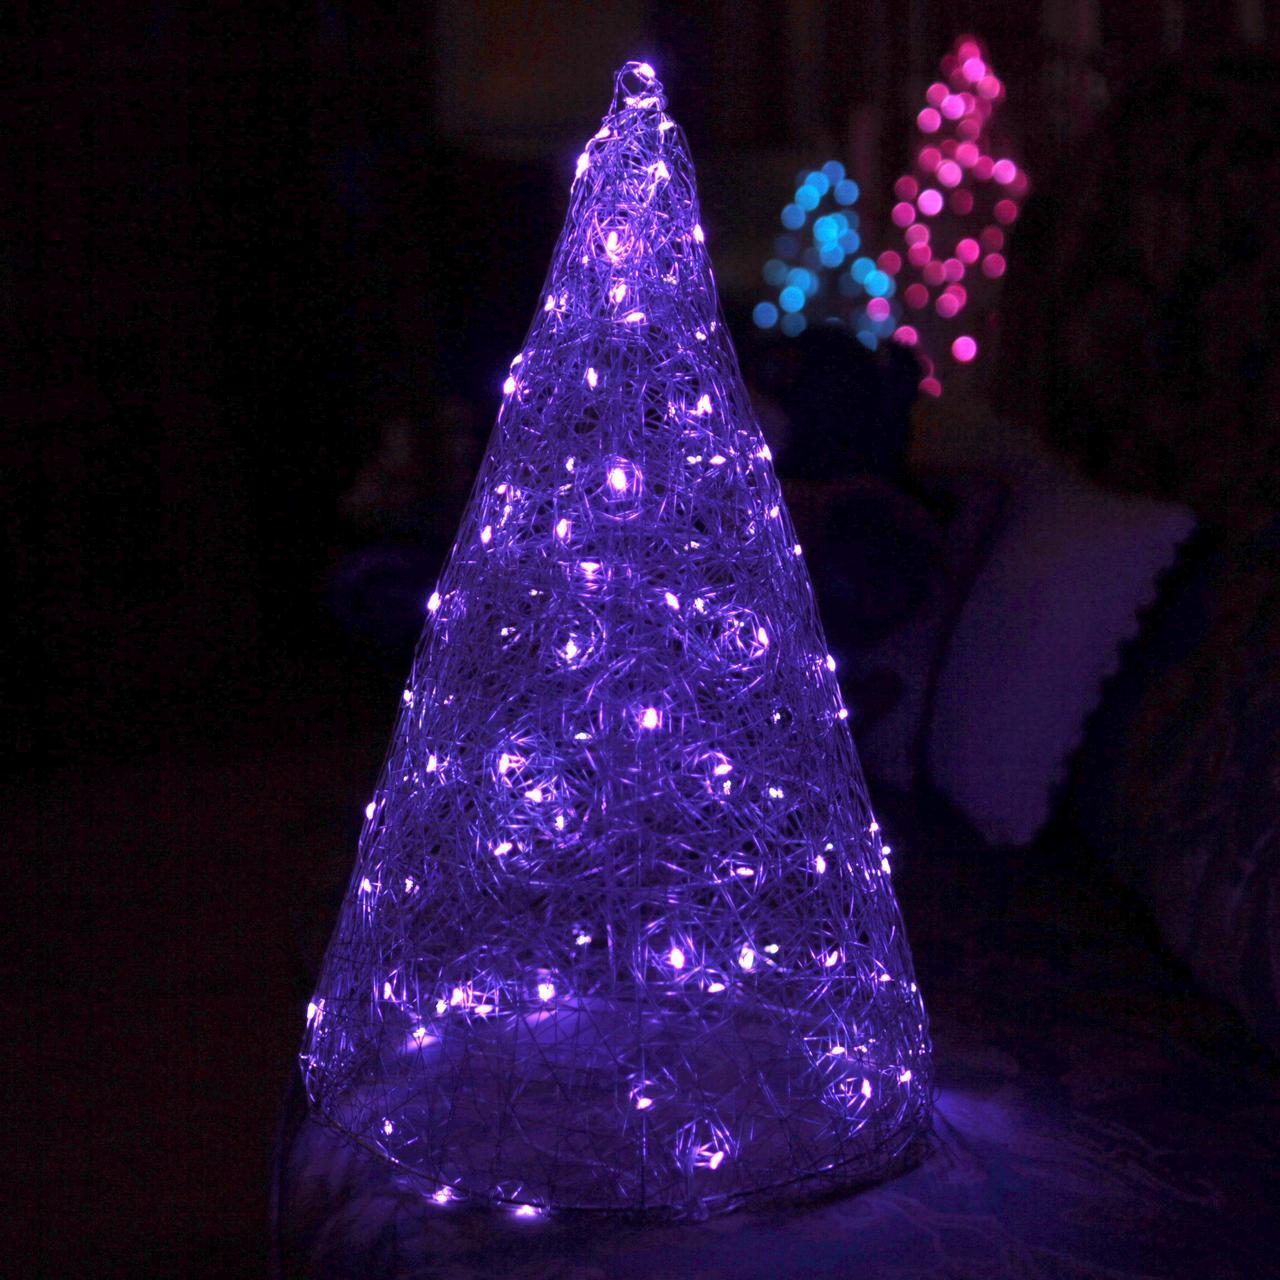 Декор Елка ЛОФТ Новогодняя Рождественская Ель с LED Гирляндой На Батарейках Или От USB 45х27см SilverMultiLOFT